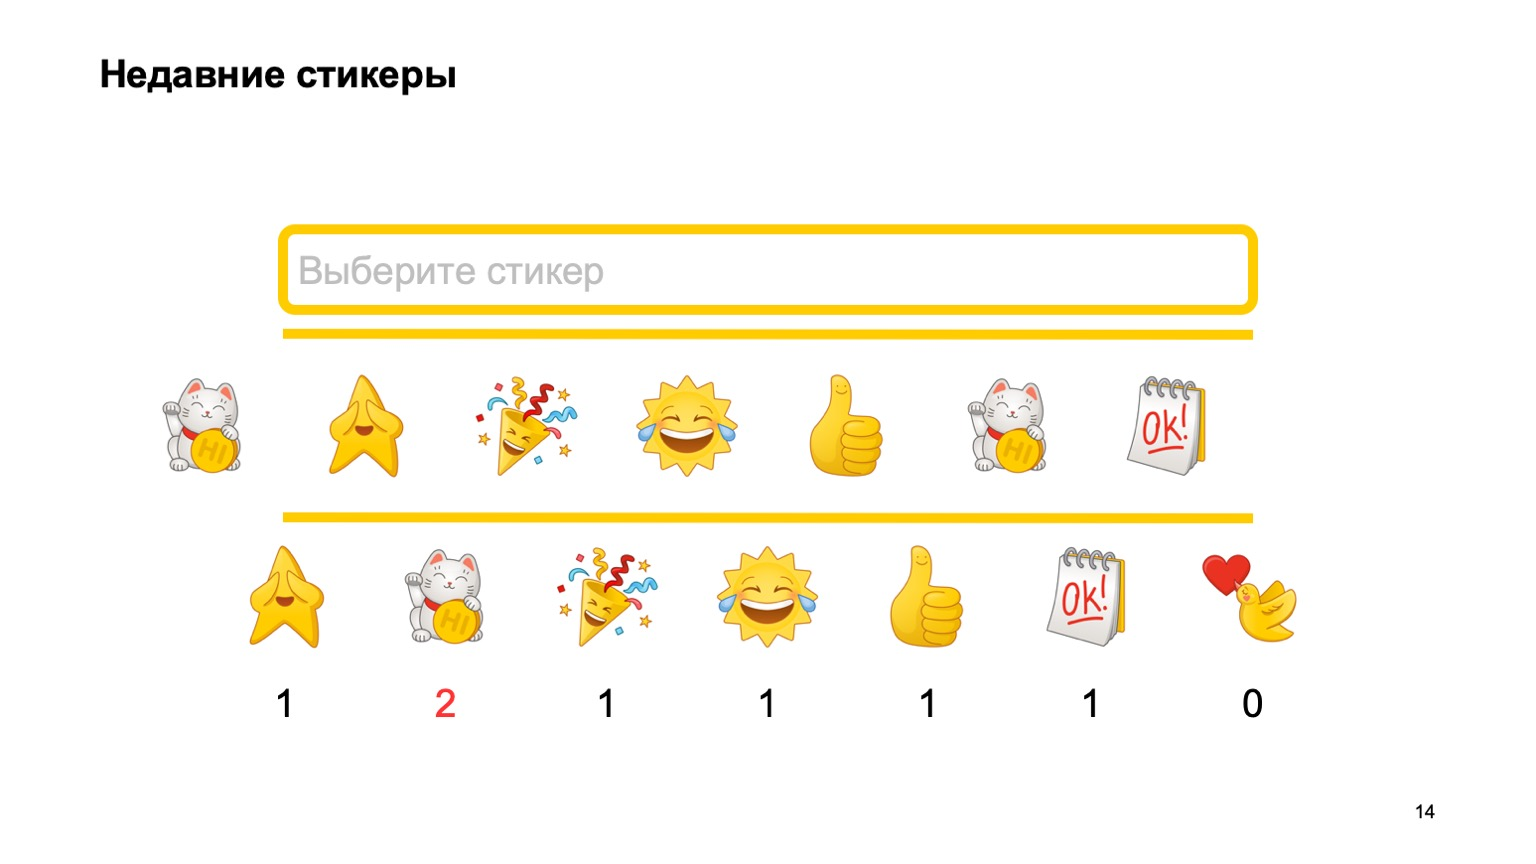 Мобильная разработка — это просто и скучно? Доклад Яндекса - 11